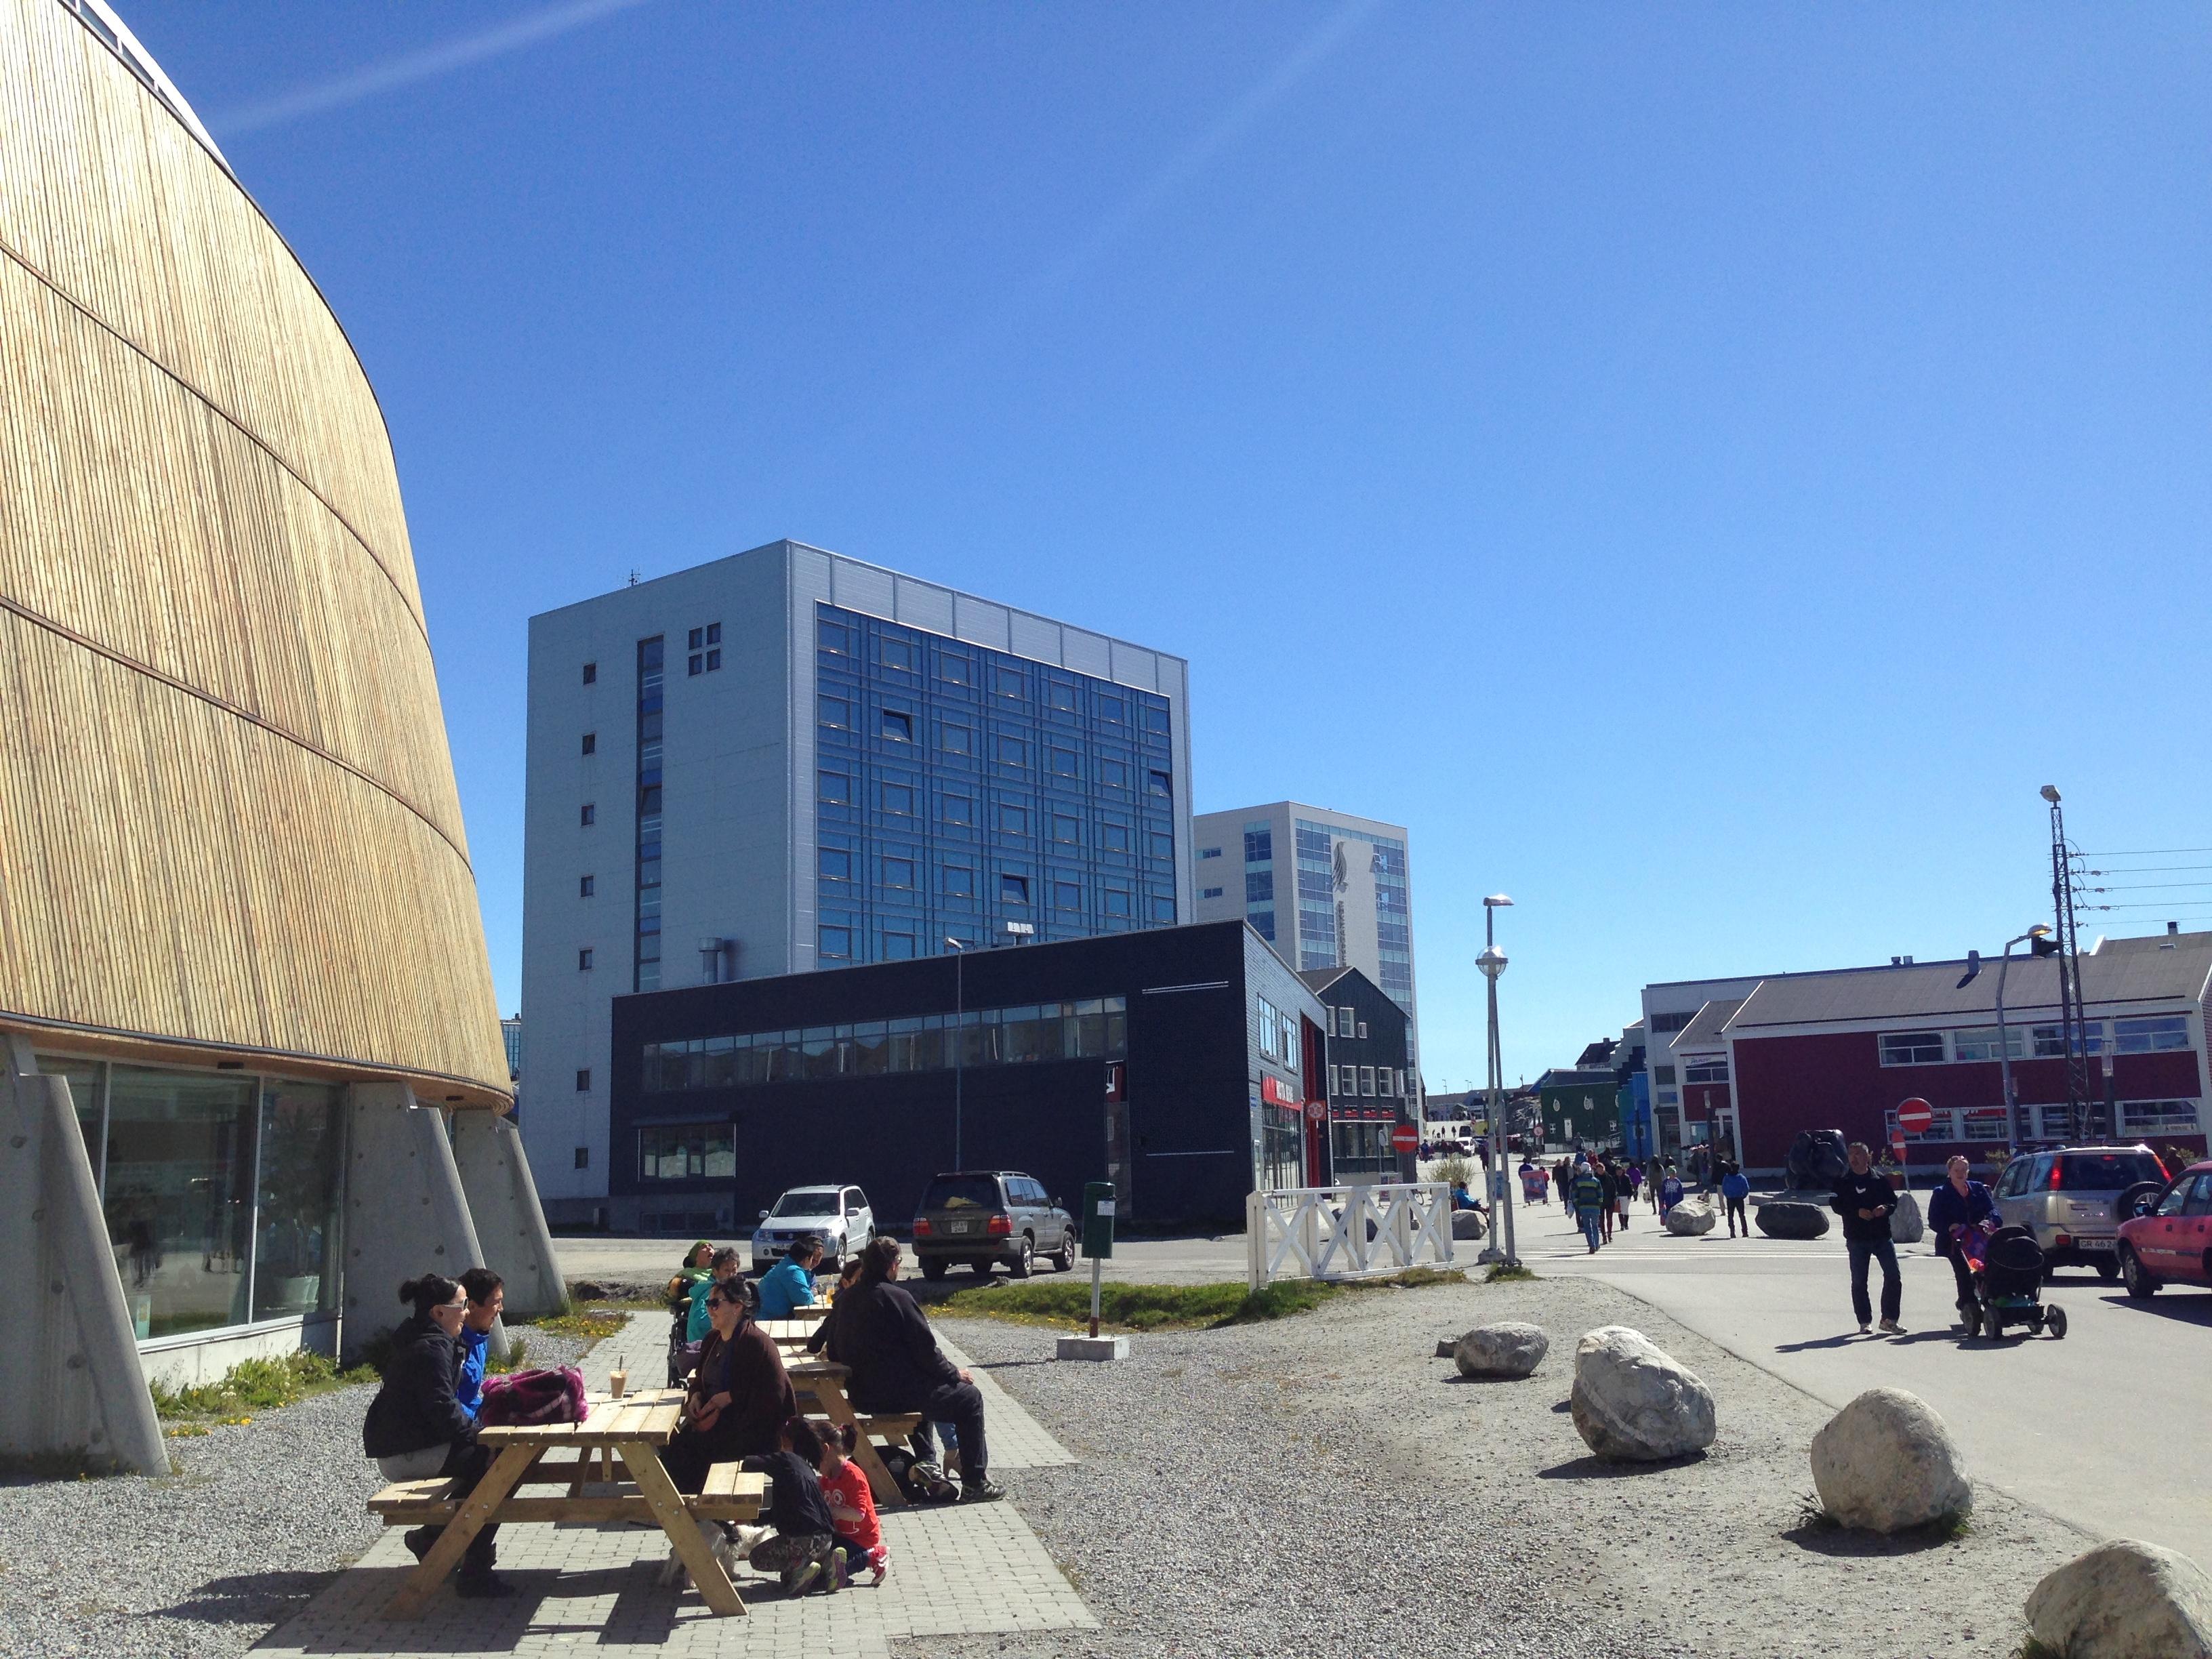 外媒关注中企助力格陵兰开发资源:当地需要中国投资